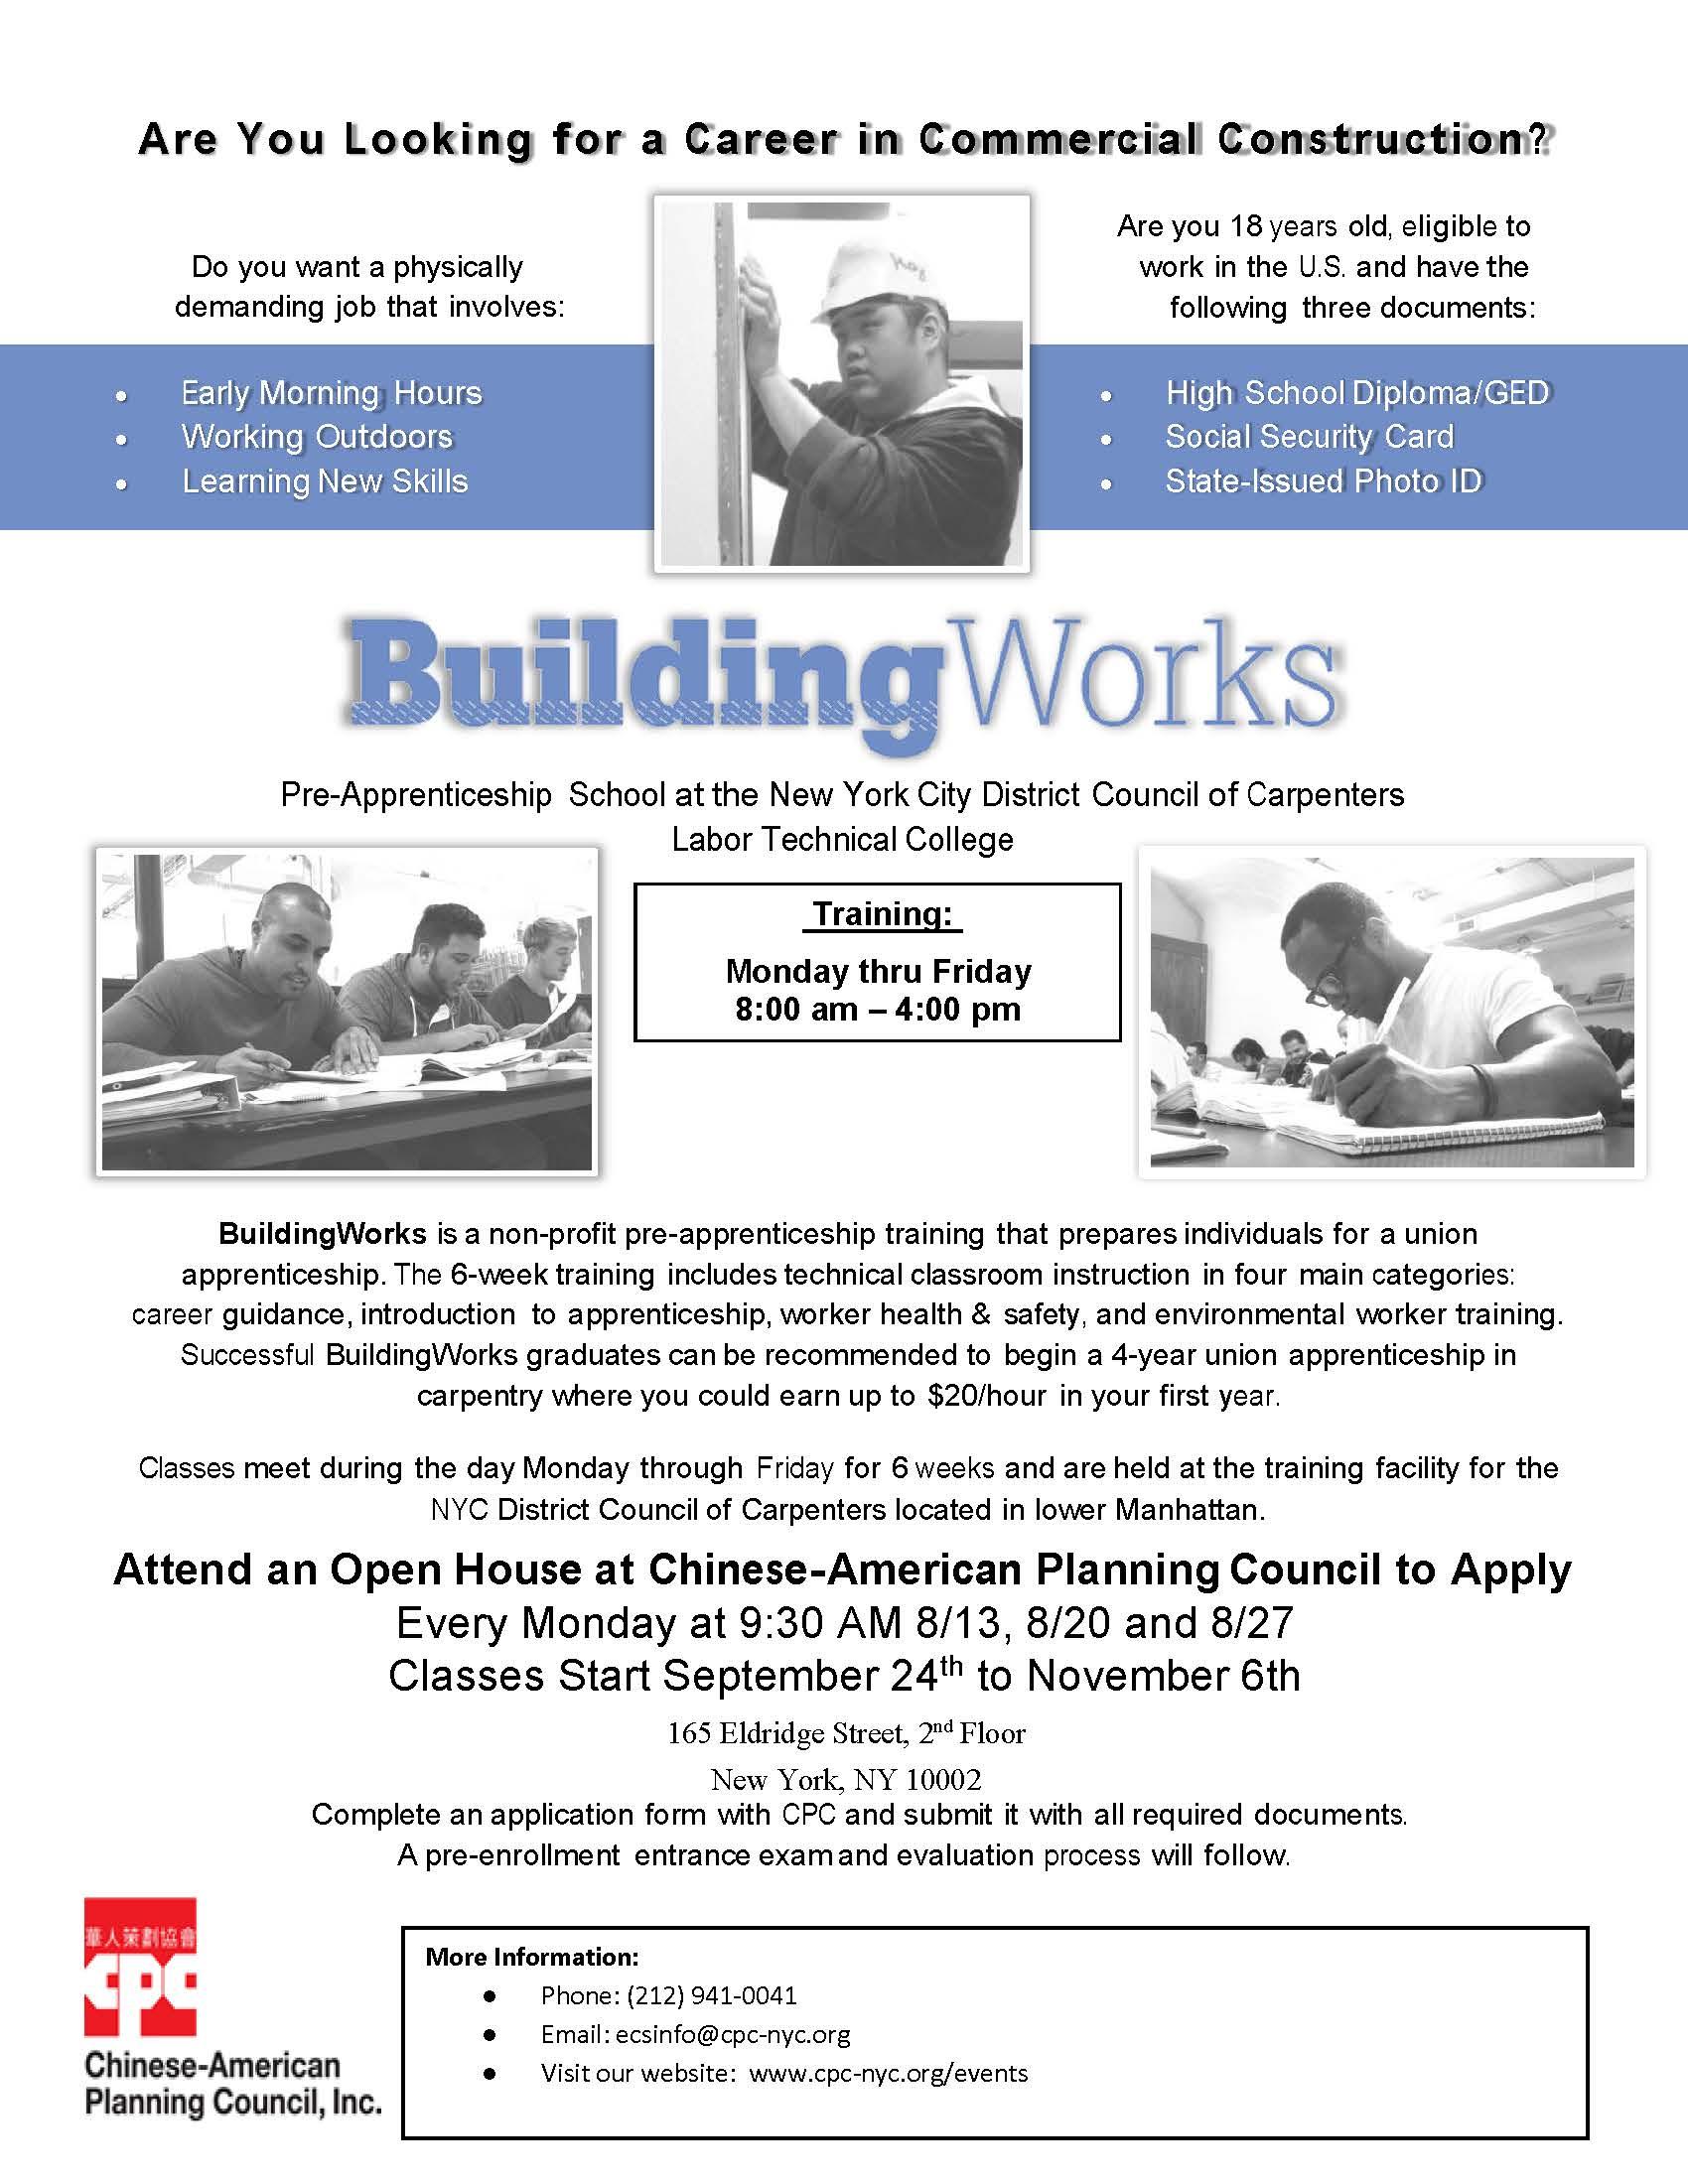 BuildingWorks Construction Pre-apprentice Training Recruitment Event